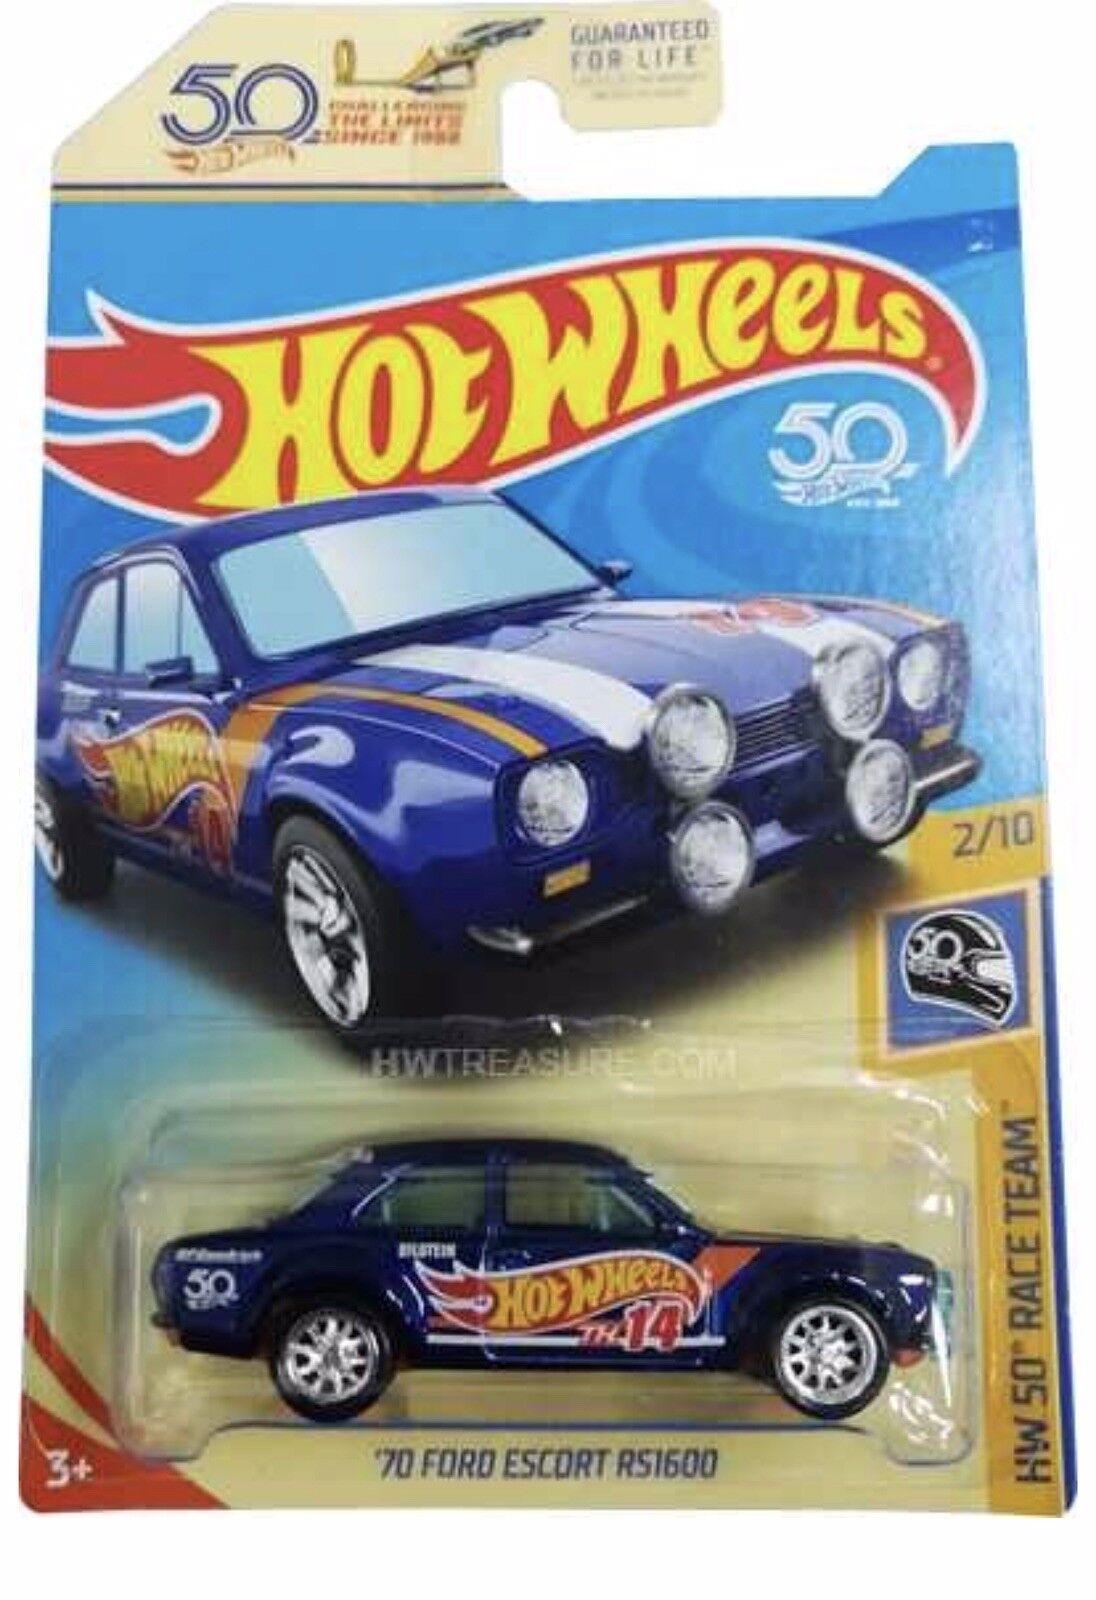 Hot Wheels Super Treasure Hunt '70 Ford Escort RS1600 And The Regular Escort